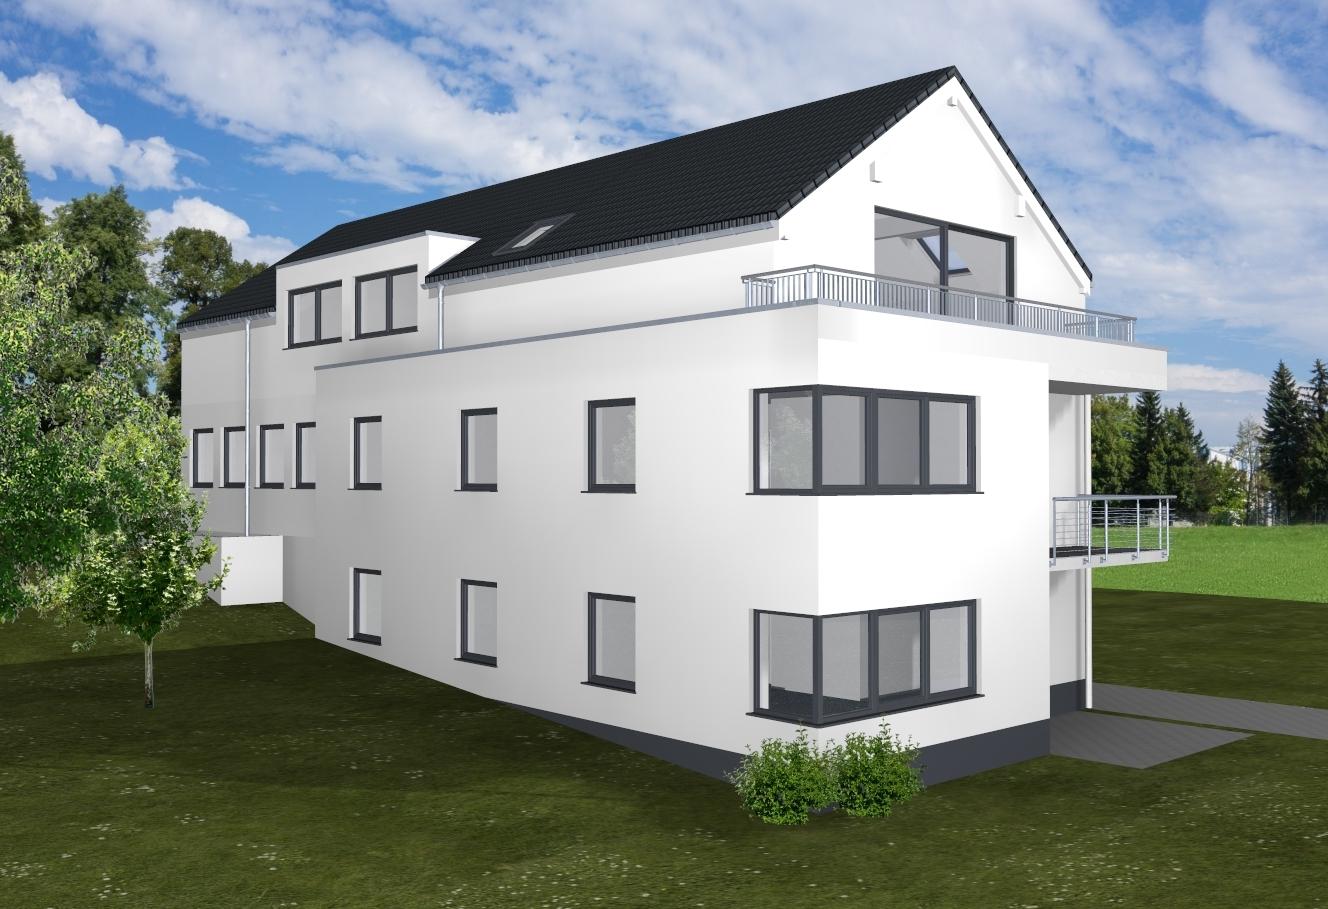 Mehrfamilienhaus | www.artos-haus.de Bild 4